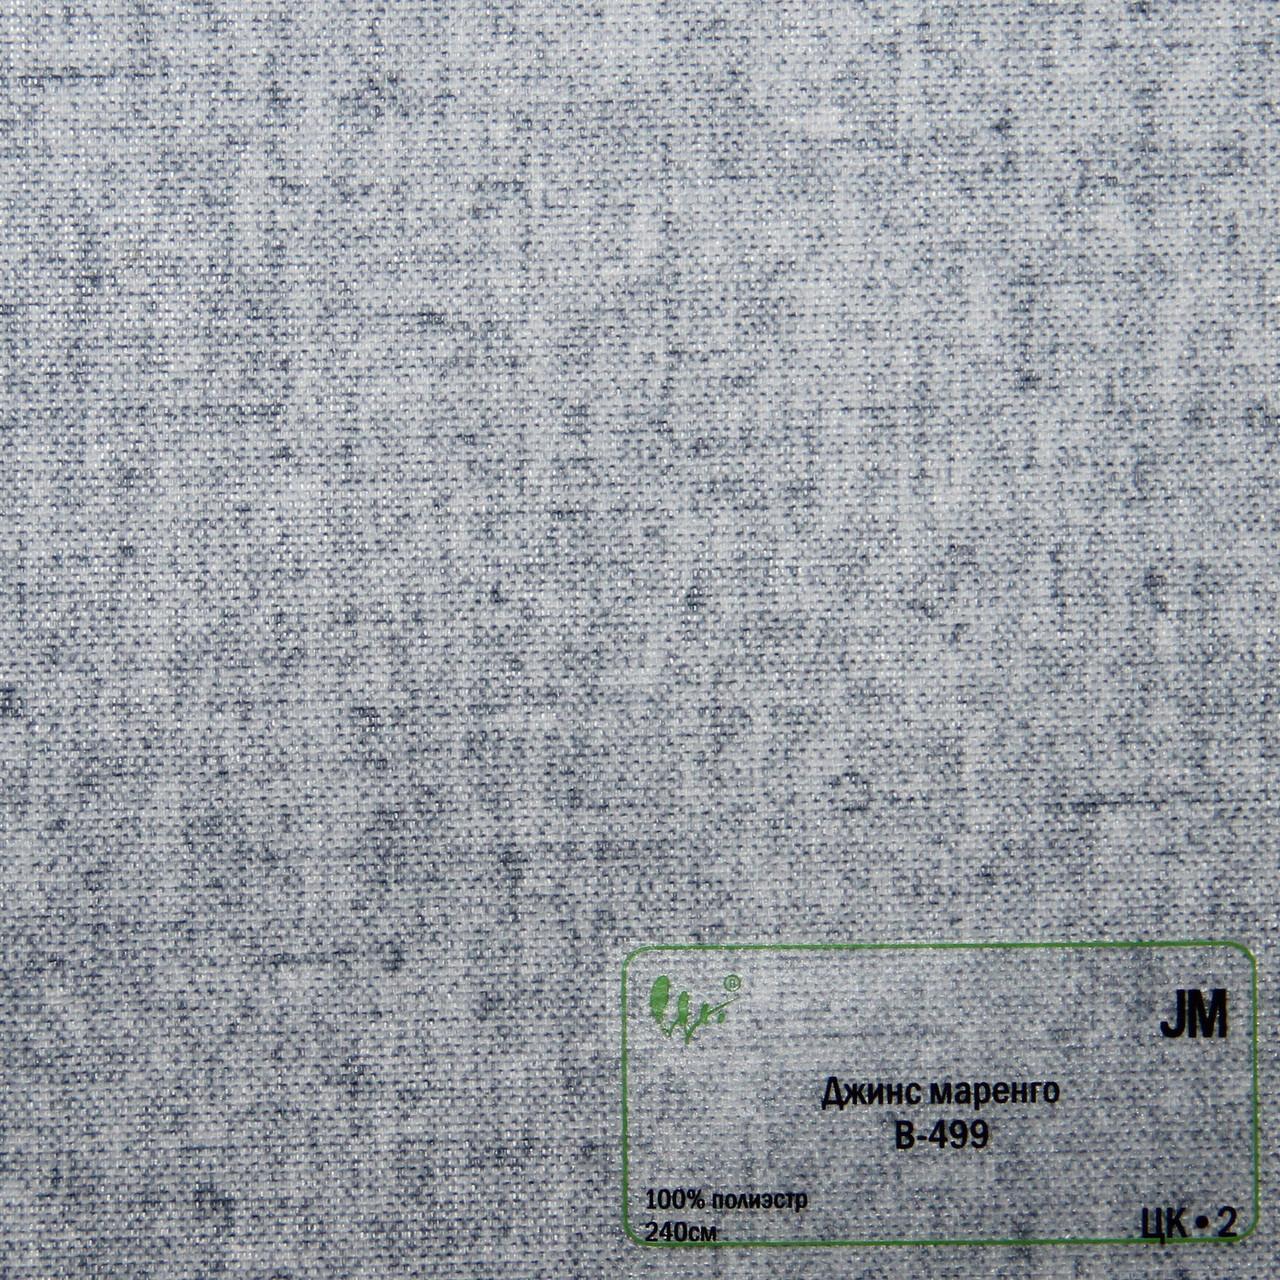 Рулонные шторы Одесса Ткань Джинс Маренго